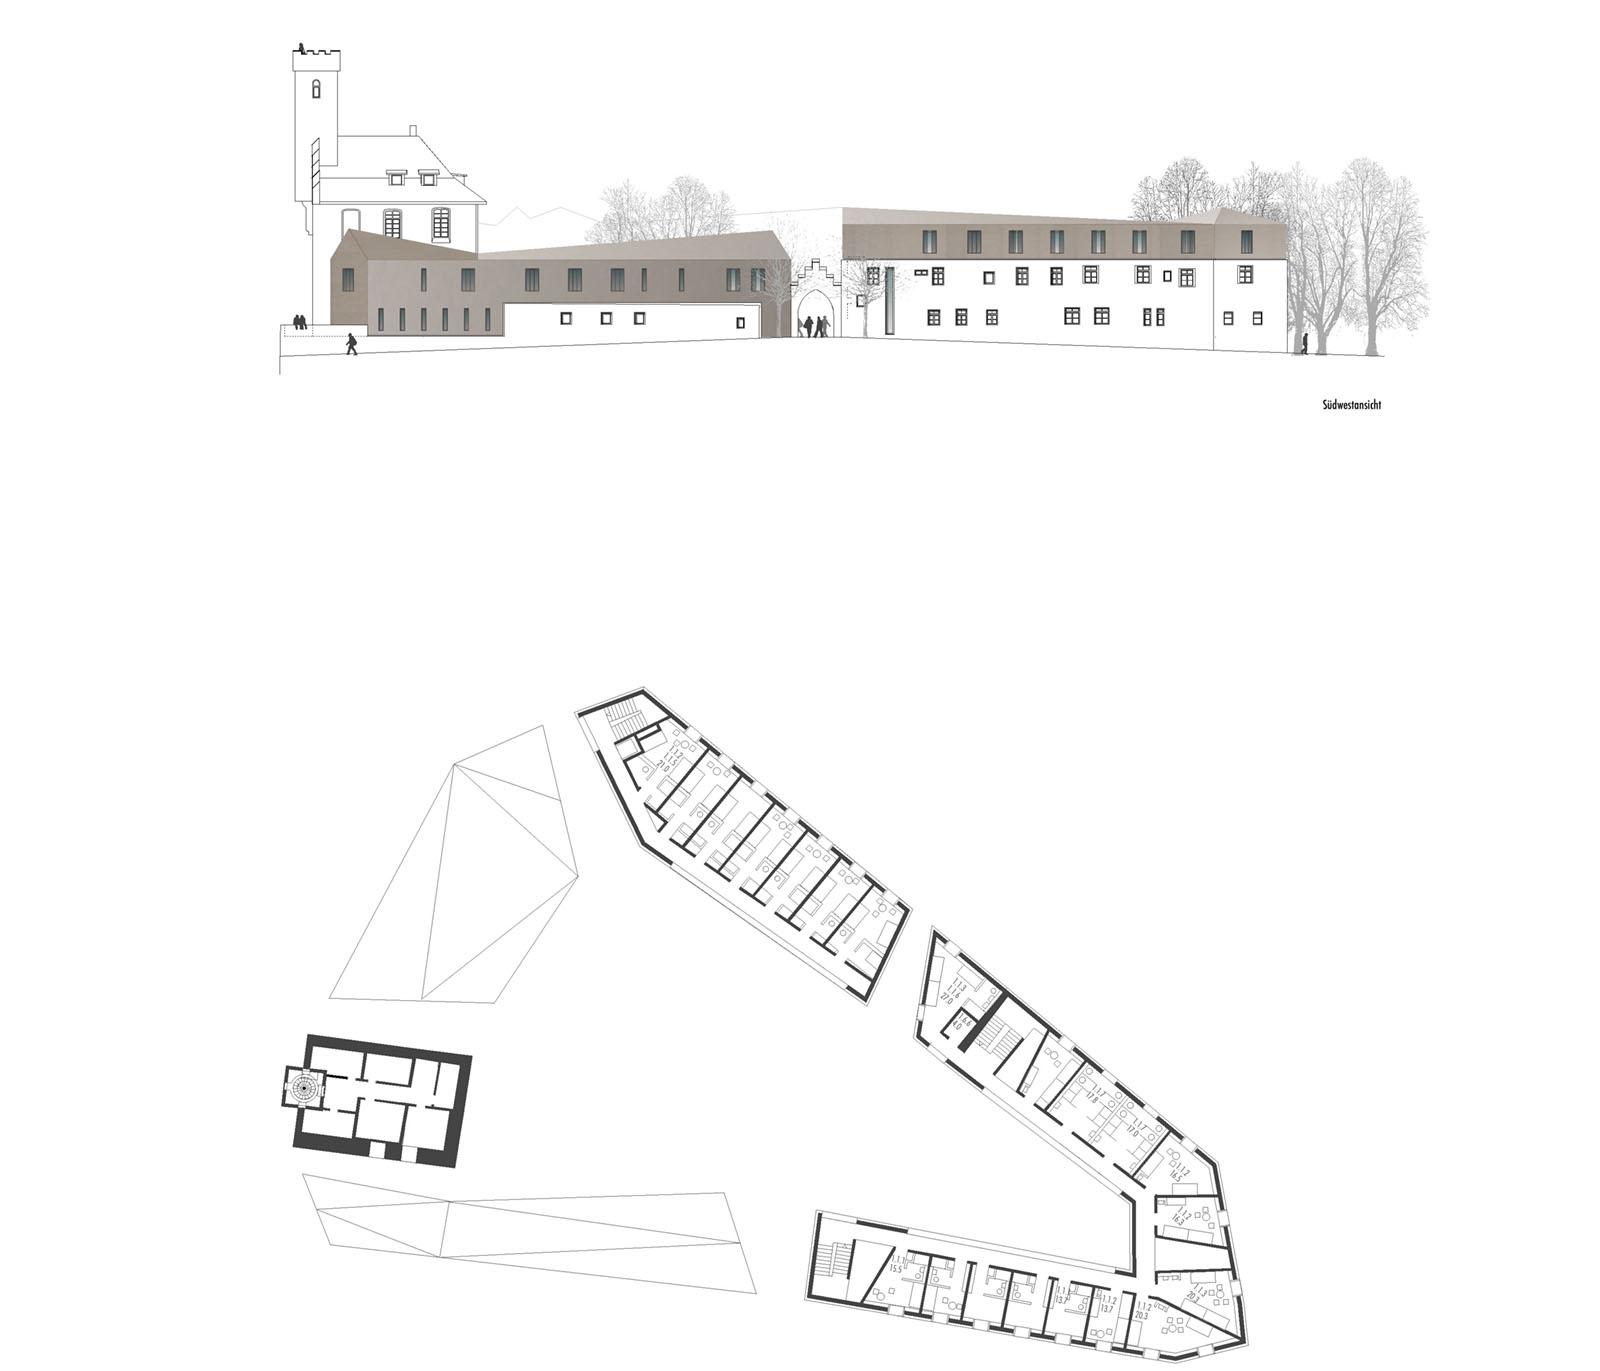 Kulturraum_Veitsburg-Ravensburg_Grundriss_Friedrich-Poerschke-Zwink-Architekten-Muenchen